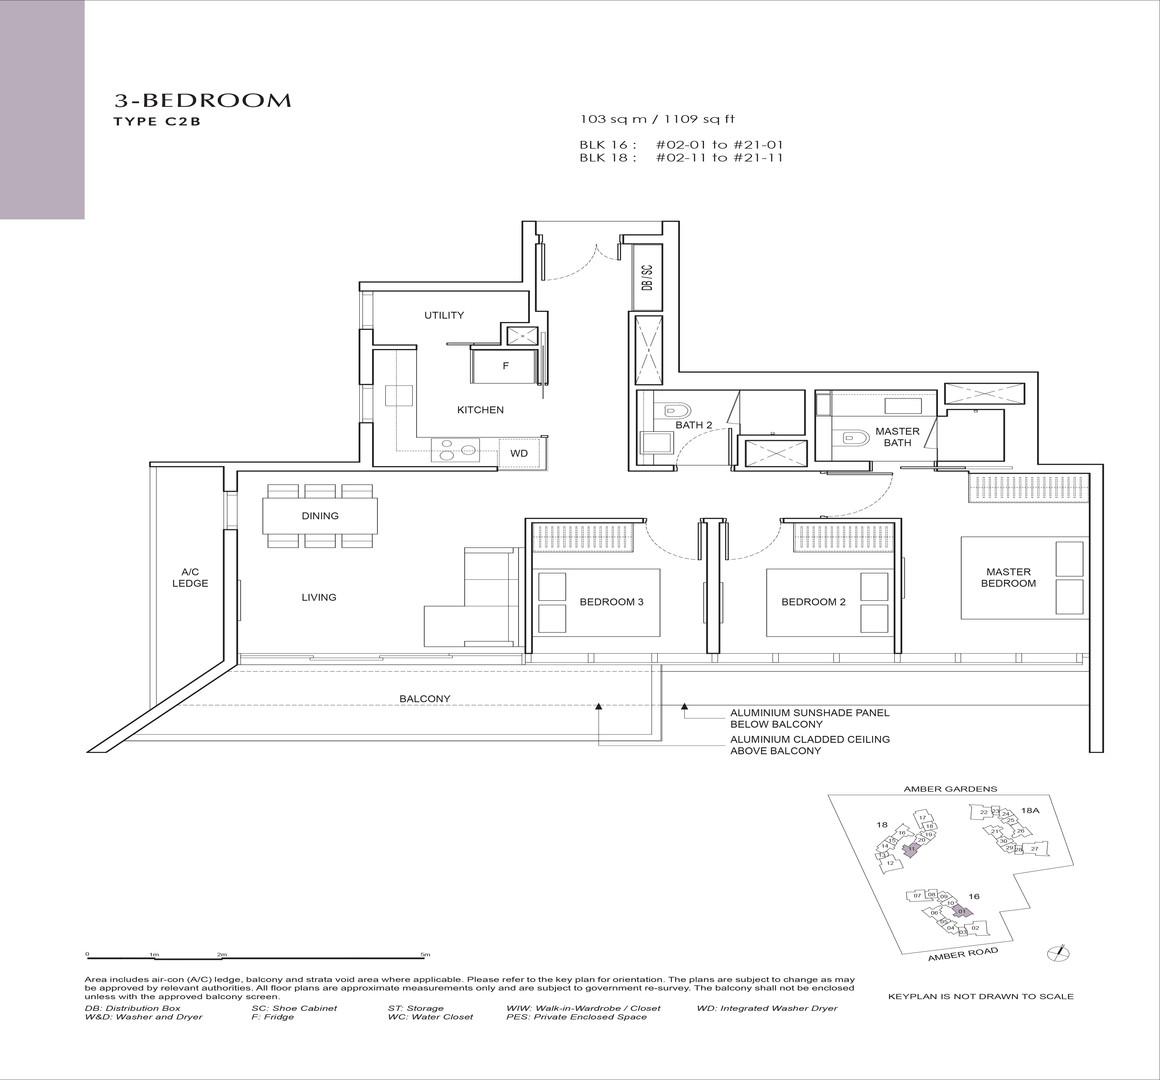 3-Bedroom_TypeC2B.jpg